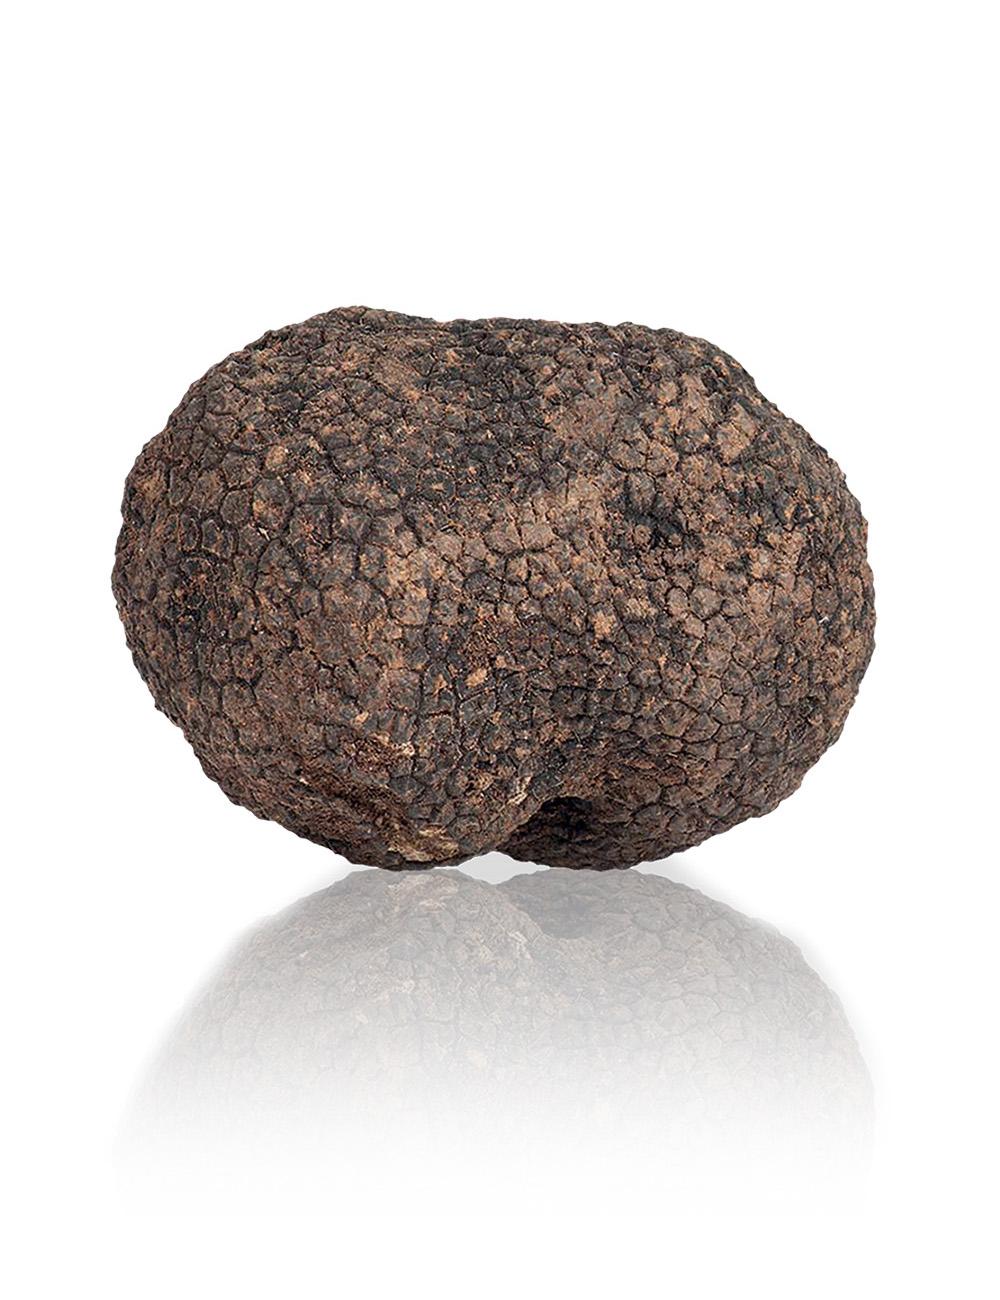 tartufo-nero-uncinato